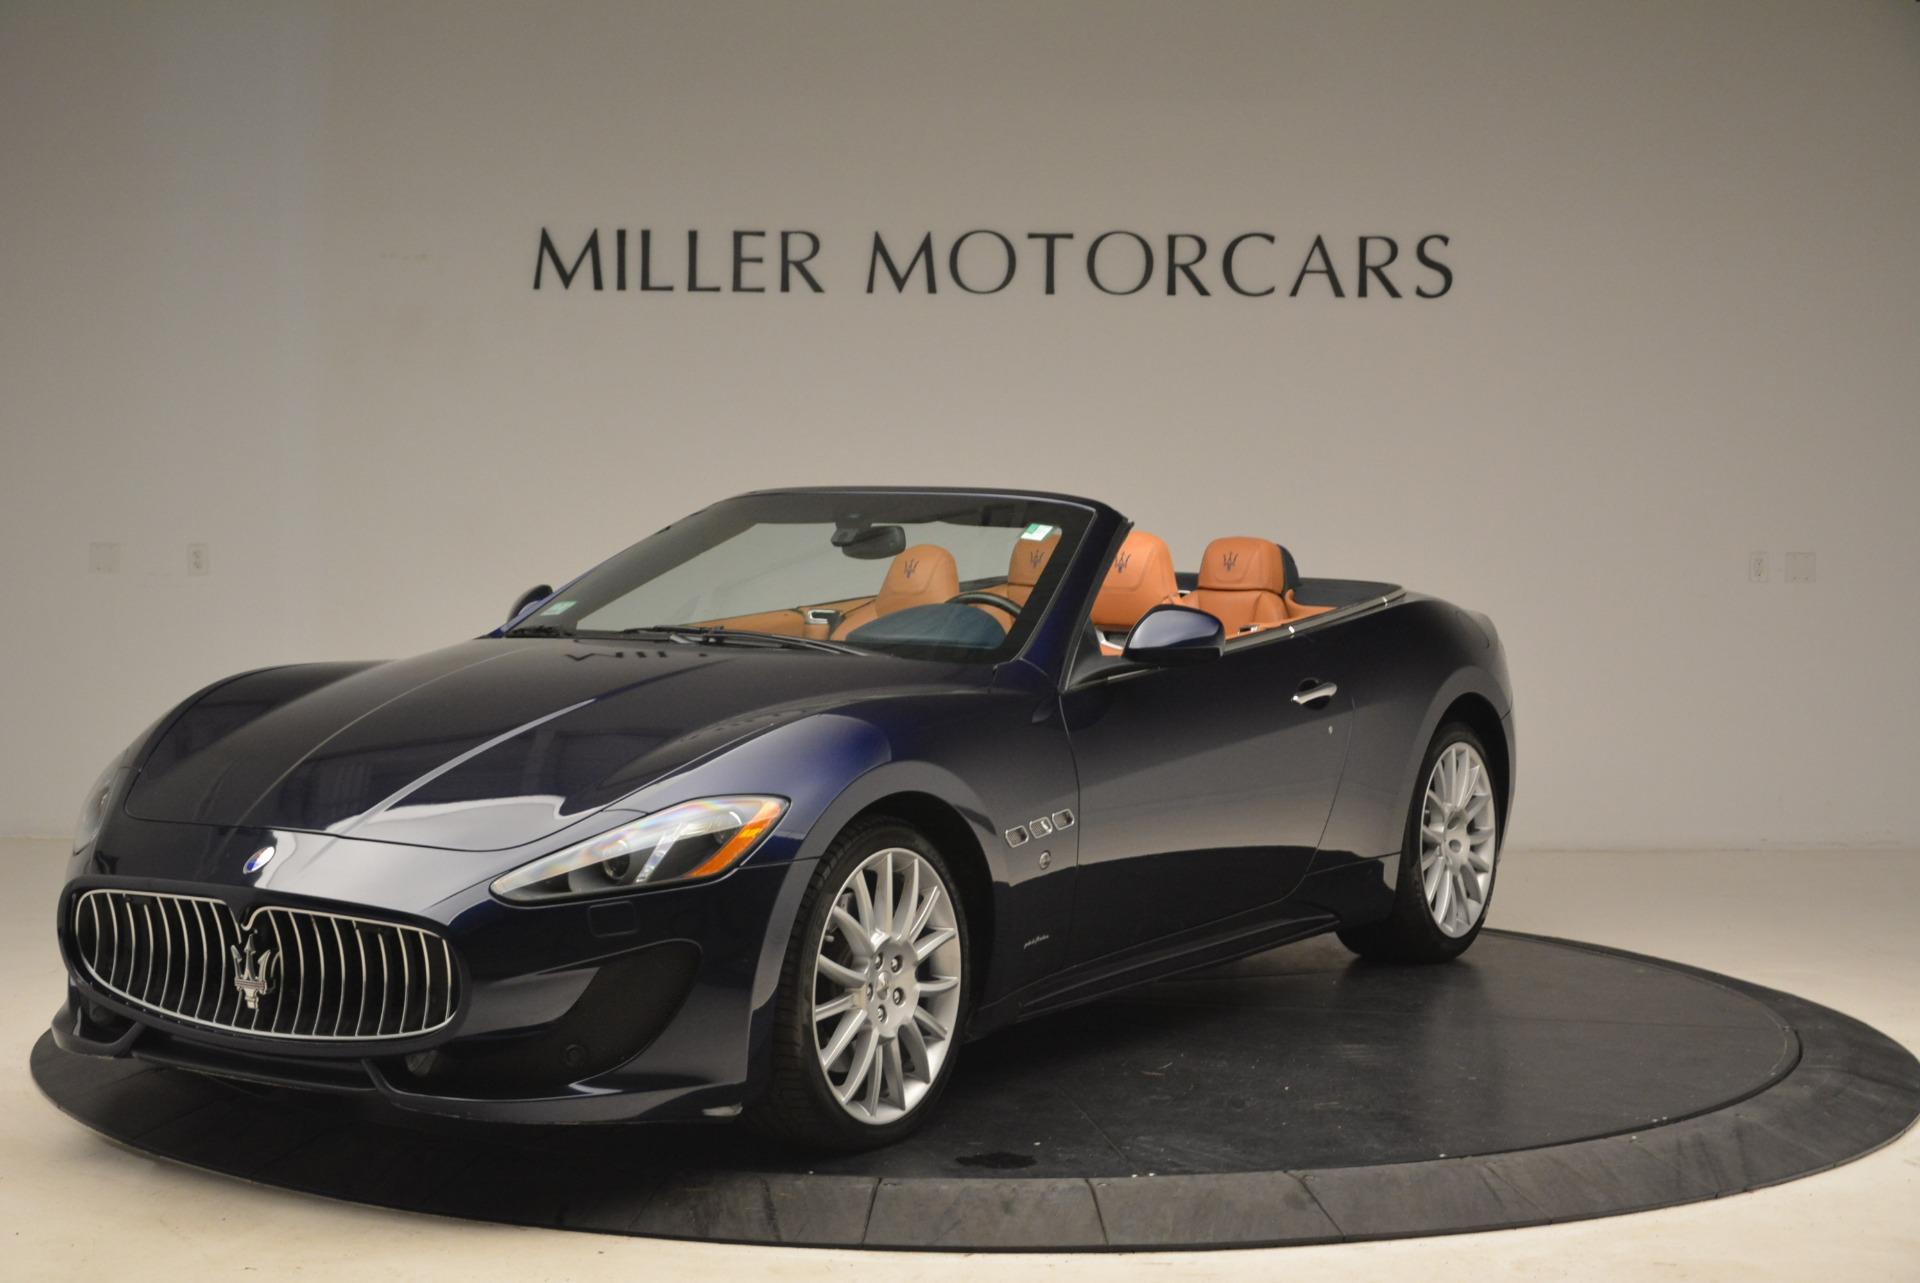 Used 2014 Maserati GranTurismo Sport For Sale In Greenwich, CT. Alfa Romeo of Greenwich, 7370 2269_p2